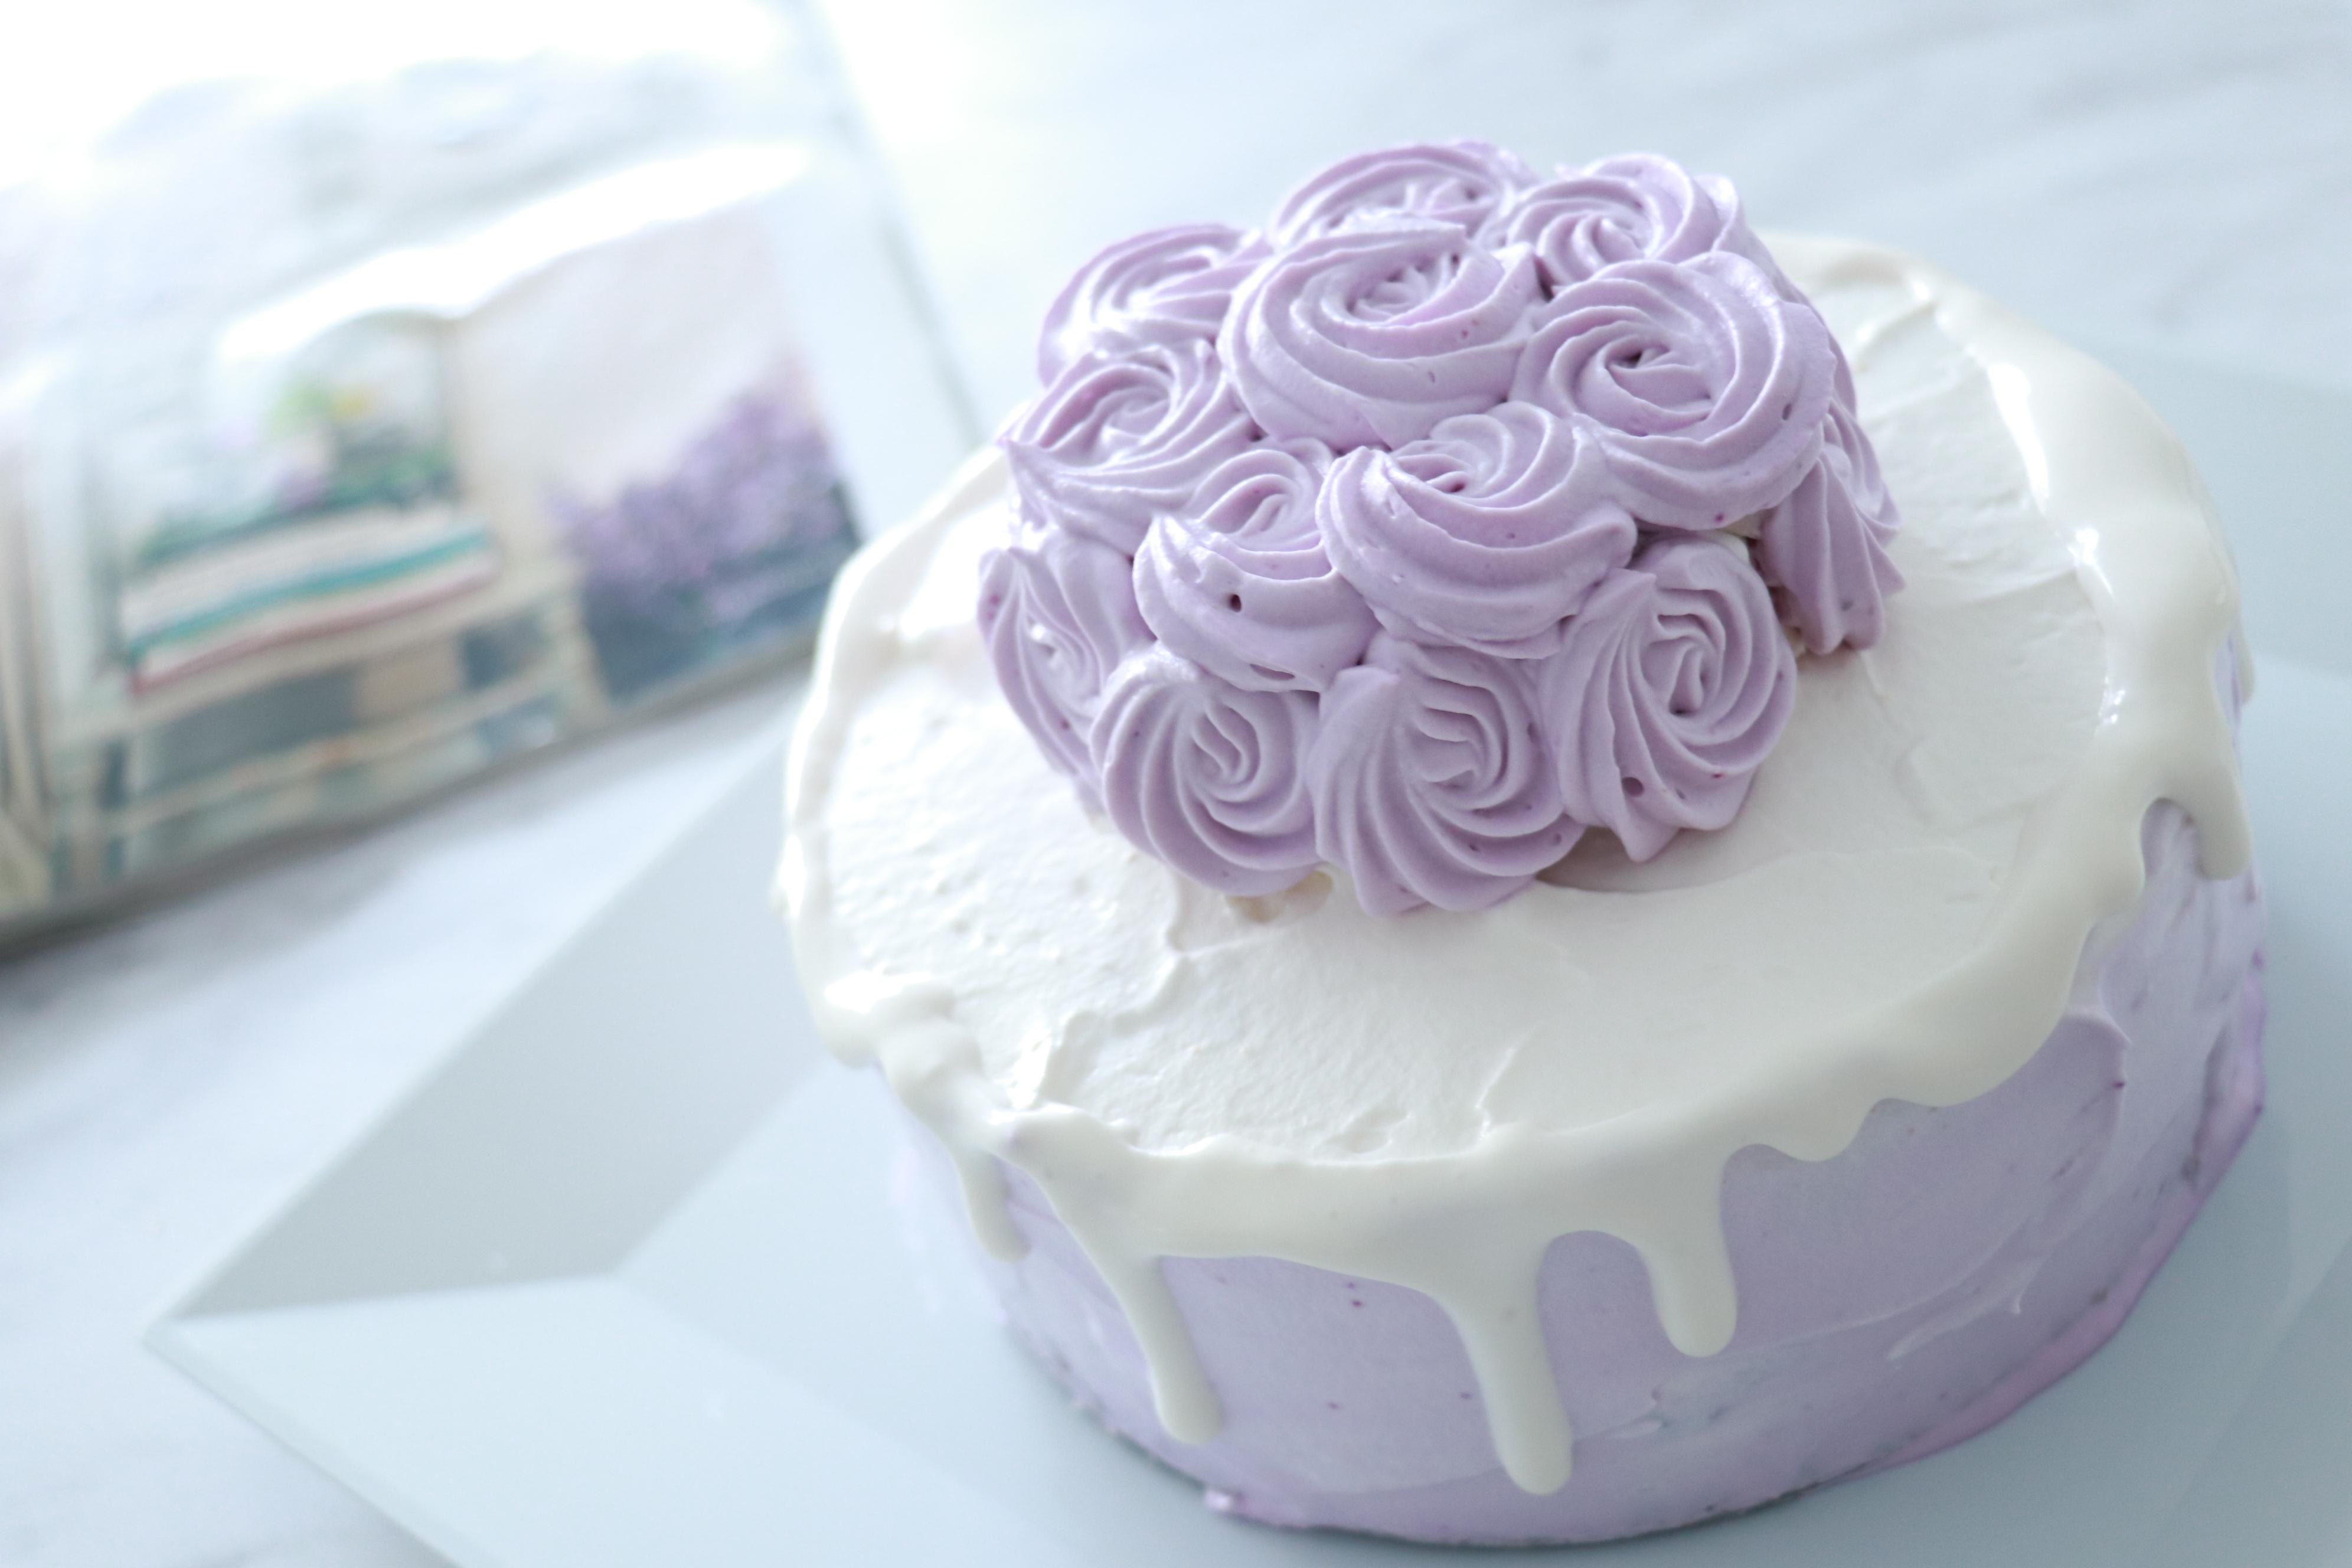 通販 スマッシュ ケーキ スマッシュケーキ|1歳のお誕生日祝いの記念撮影なら、フォトスタジオCocoaへ